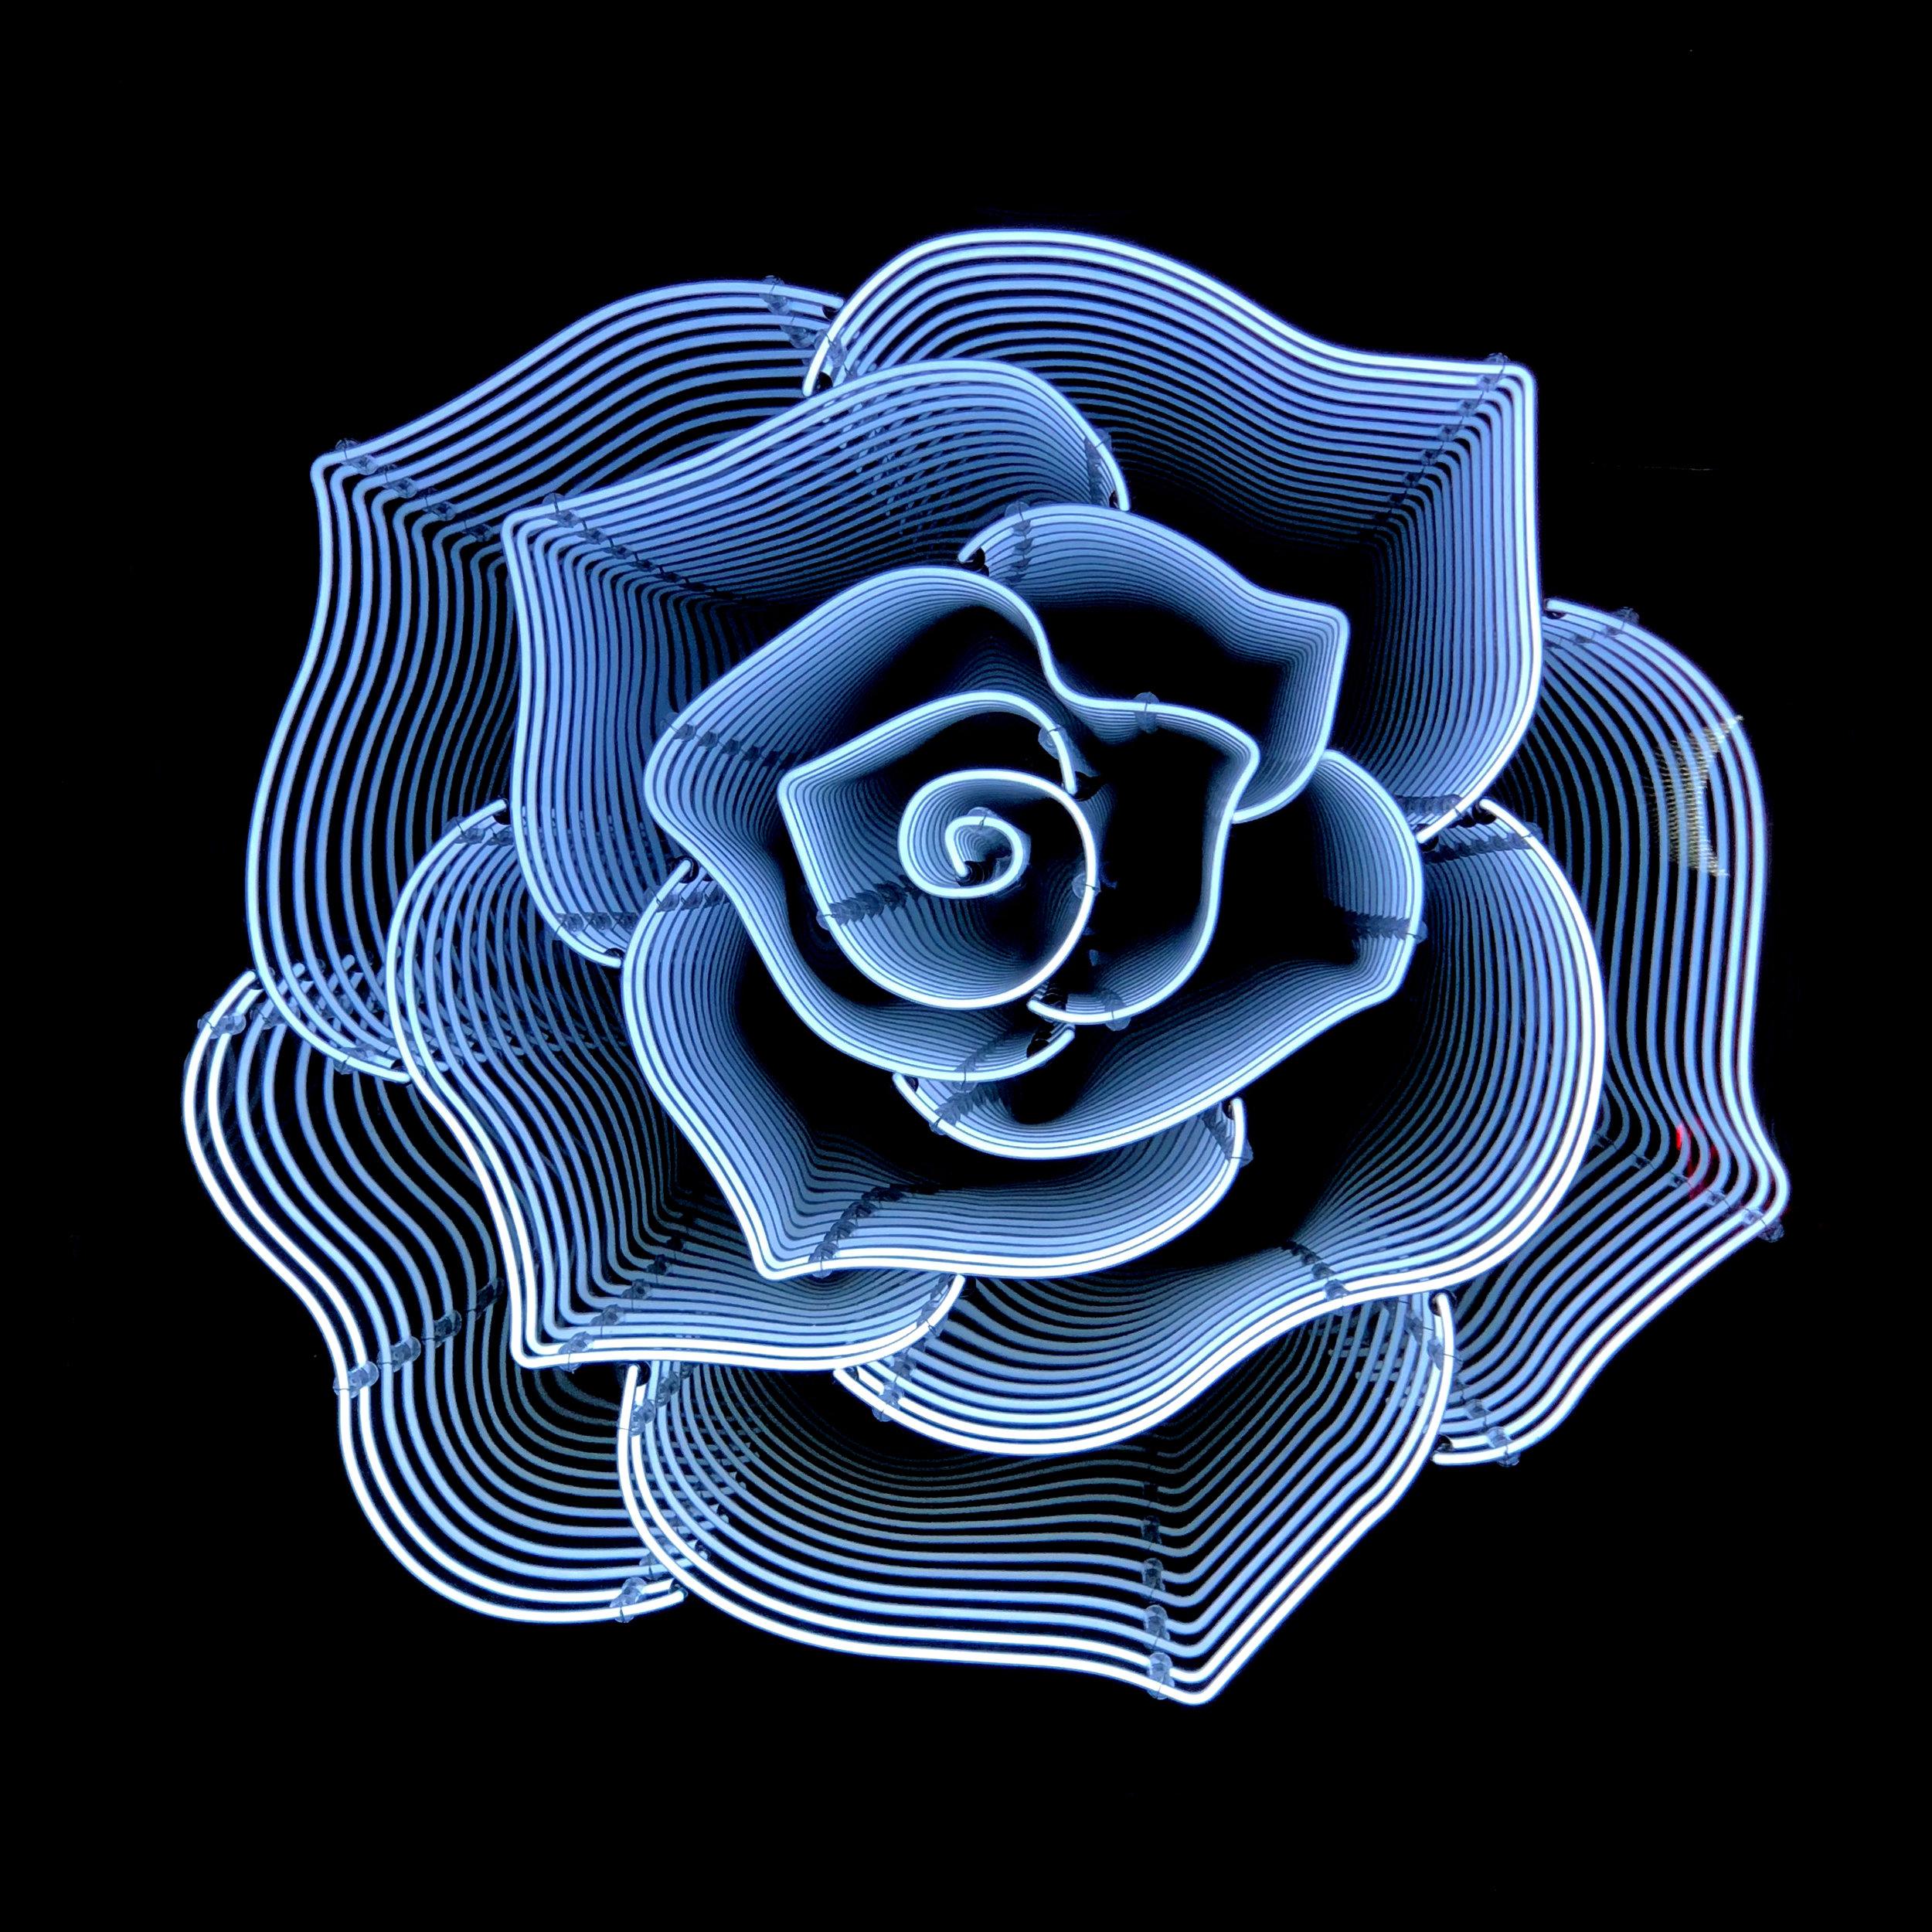 ROSE-BLANCBLEU.jpg